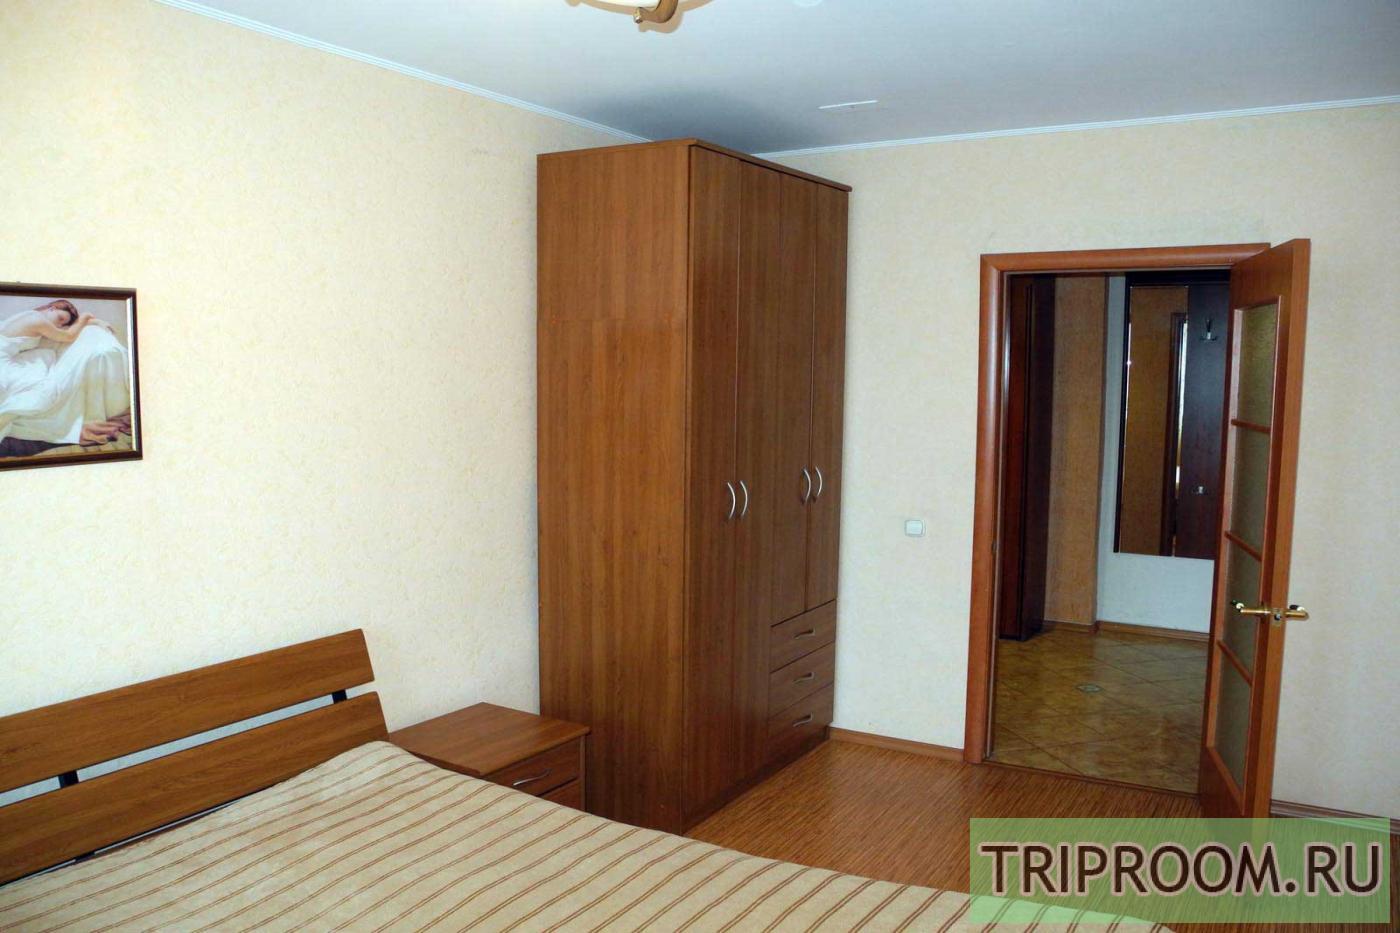 3-комнатная квартира посуточно (вариант № 9669), ул. Кольцовская улица, фото № 7